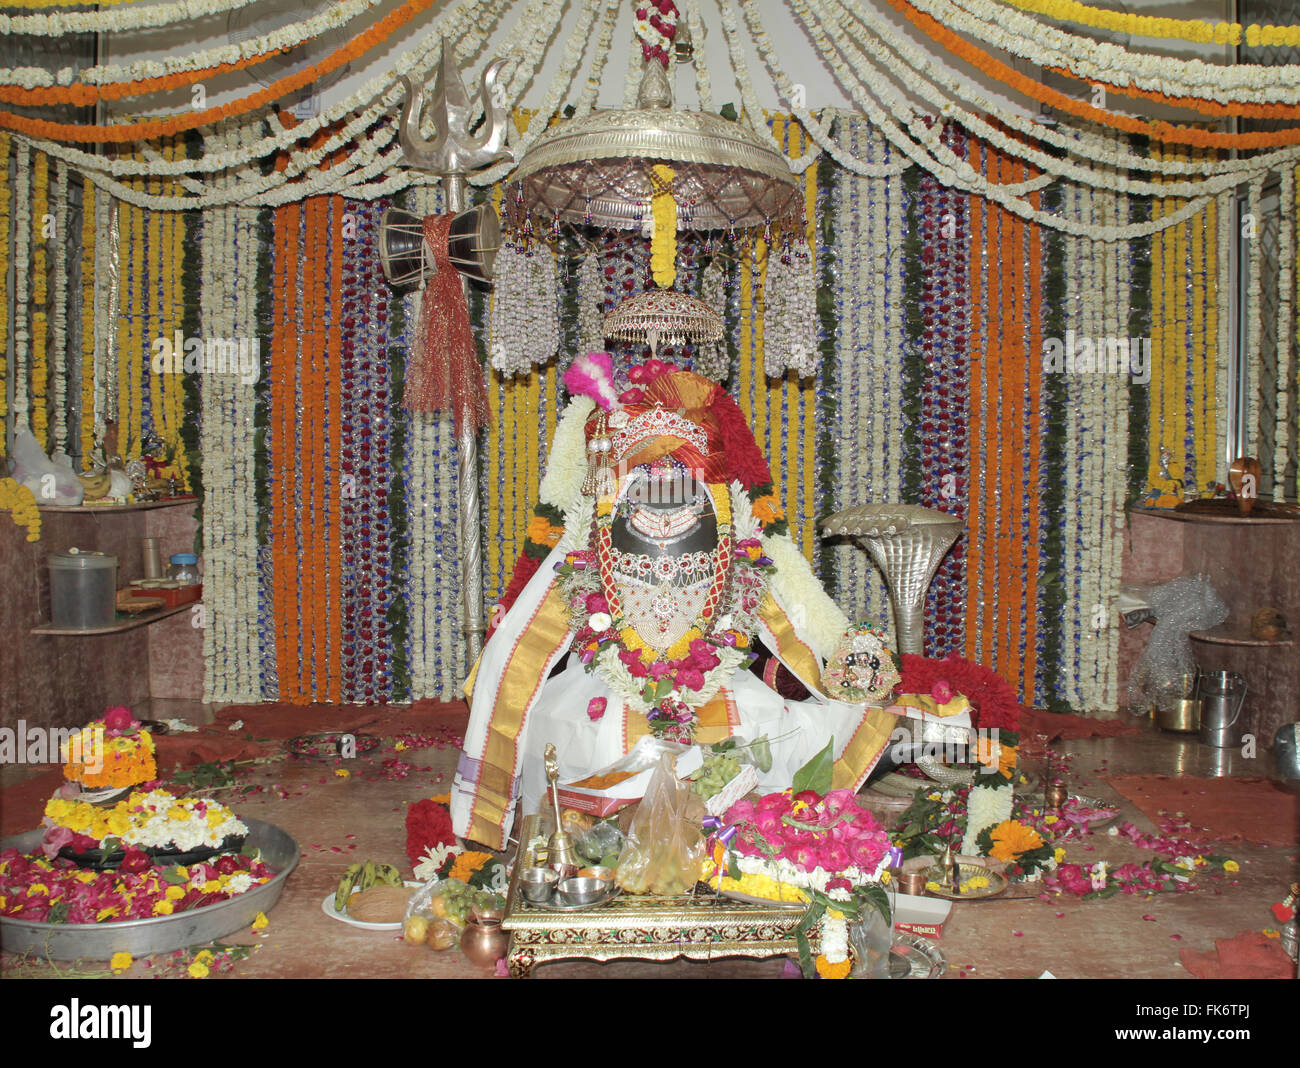 Jabalpur, India. 07th Mar, 2016. Hindu devotees decorate to 'Lord Shiva' like a Bridegroom on the ocation - Stock Image